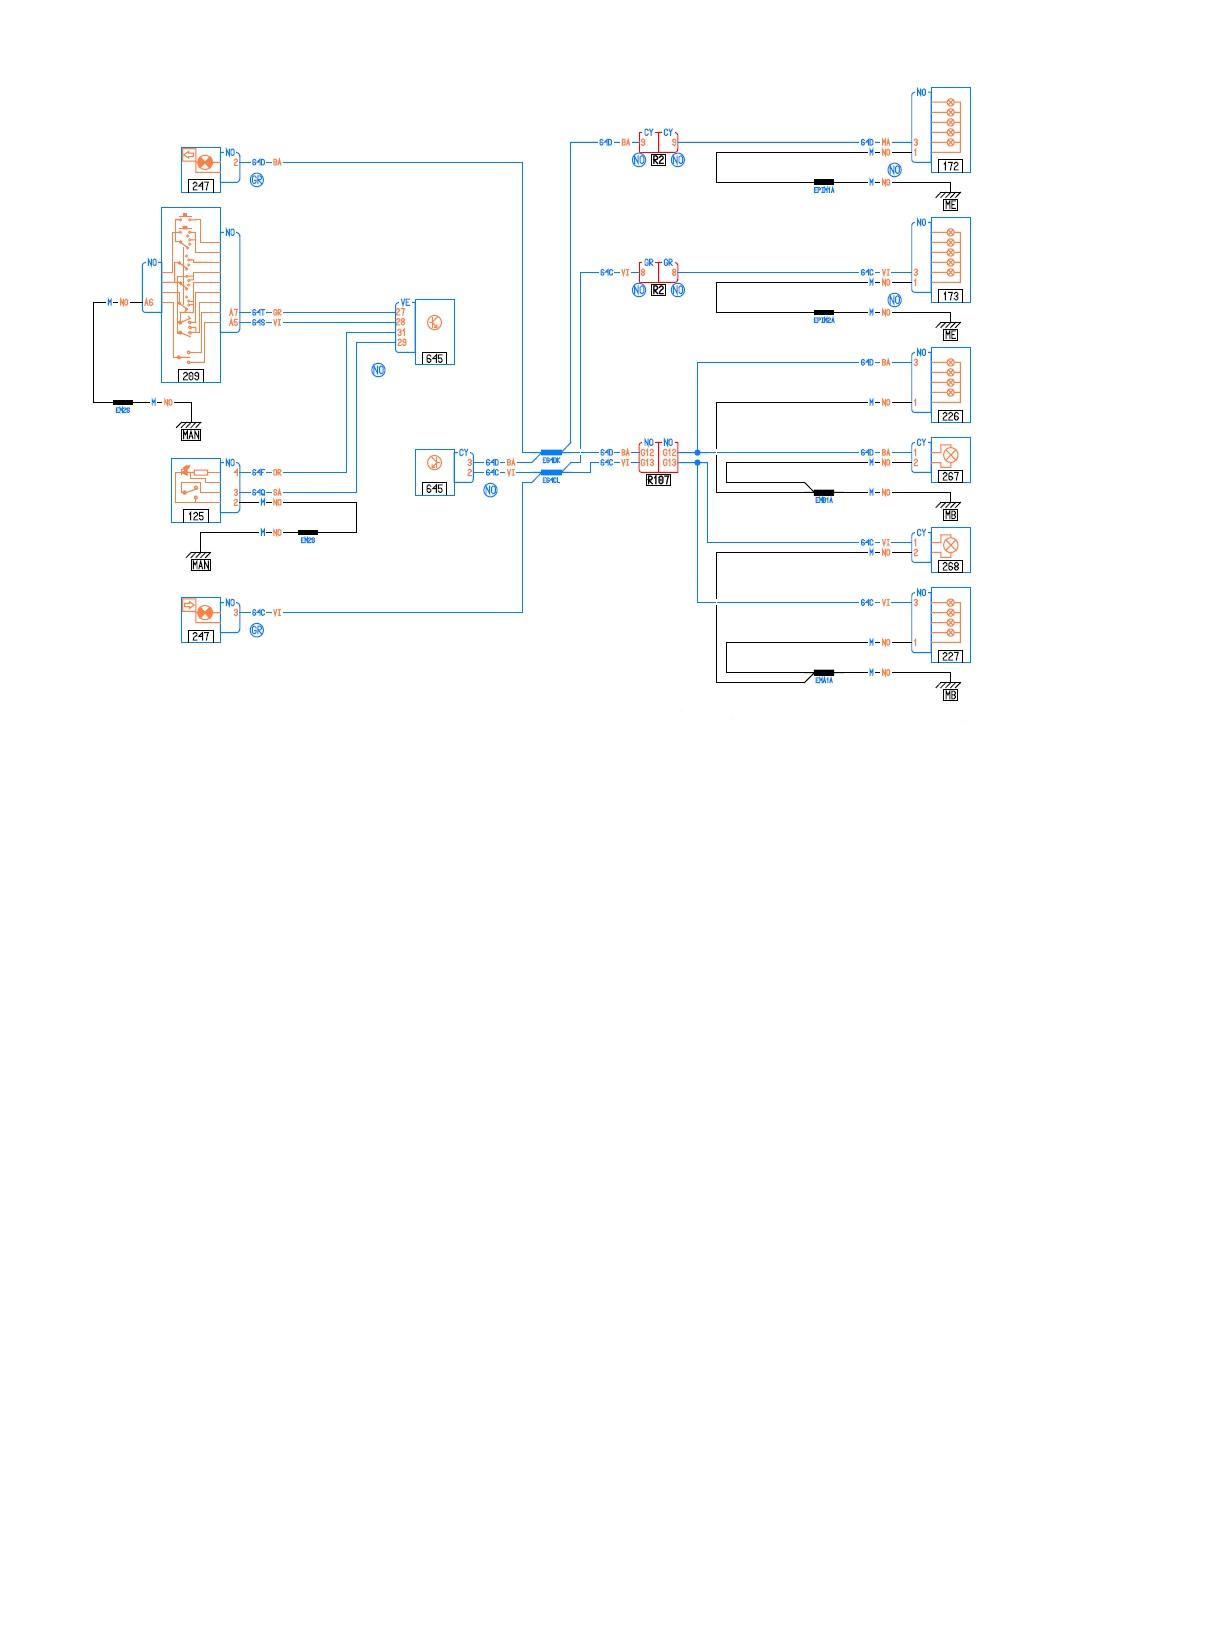 Tolle 2 Wege Verkabelung Bilder - Schaltplan Serie Circuit ...